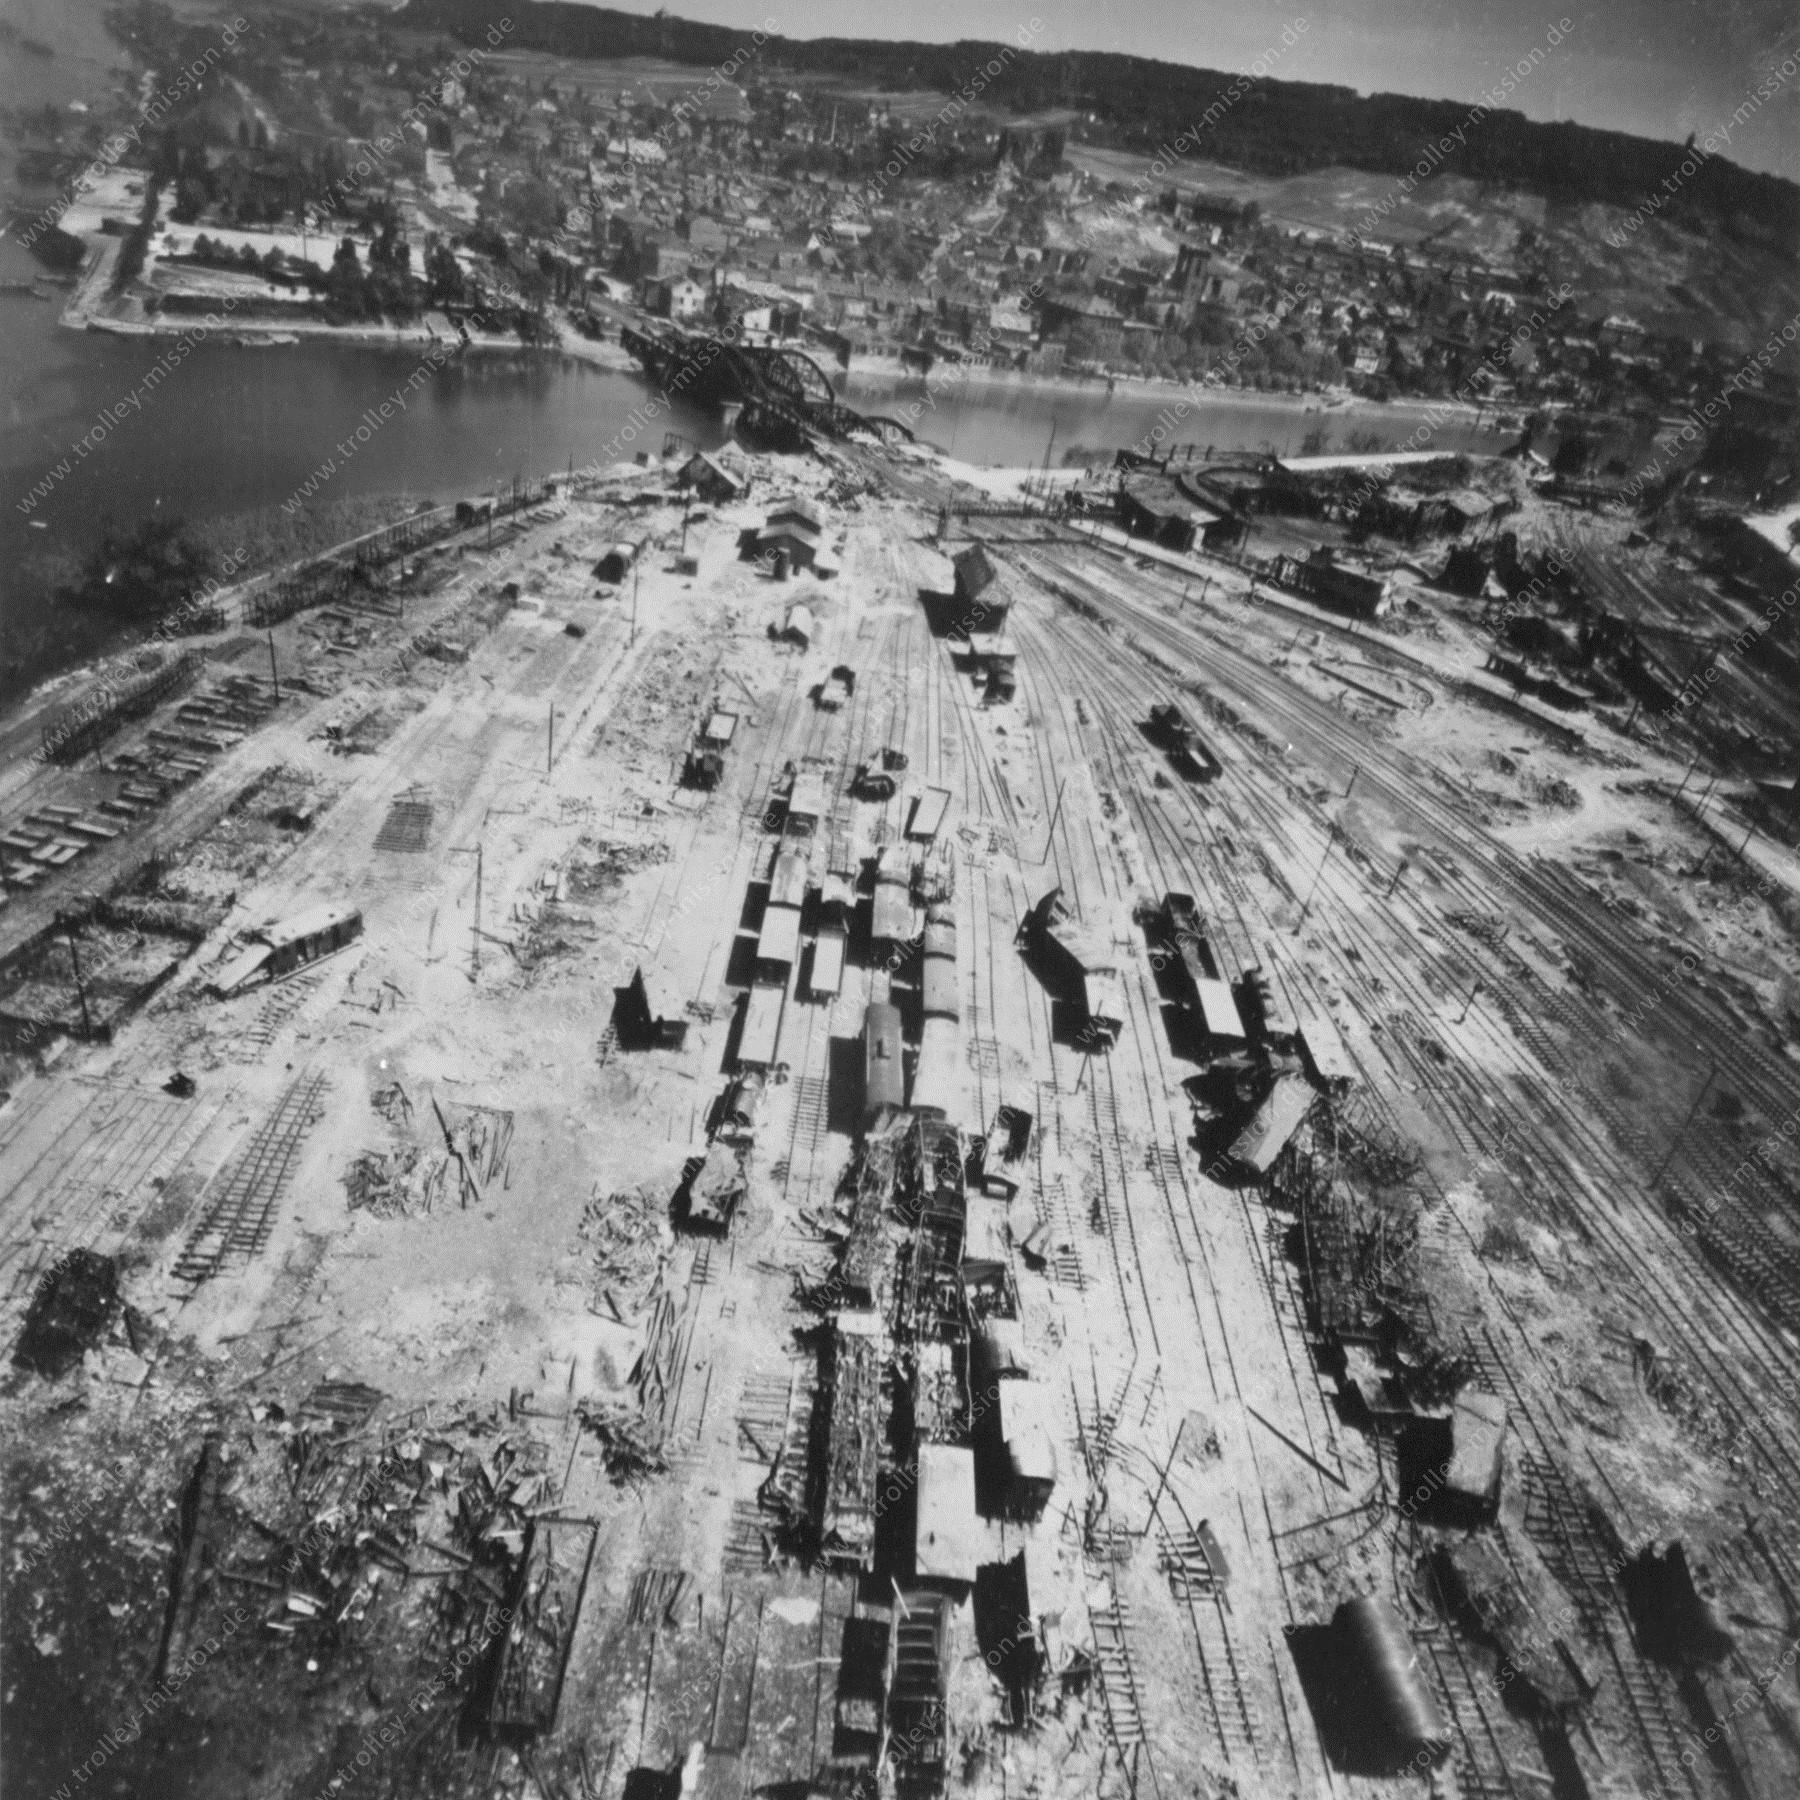 Bingen am Rhein Hauptbahnhof und Rangierbahnhof nach dem Zweiten Weltkrieg